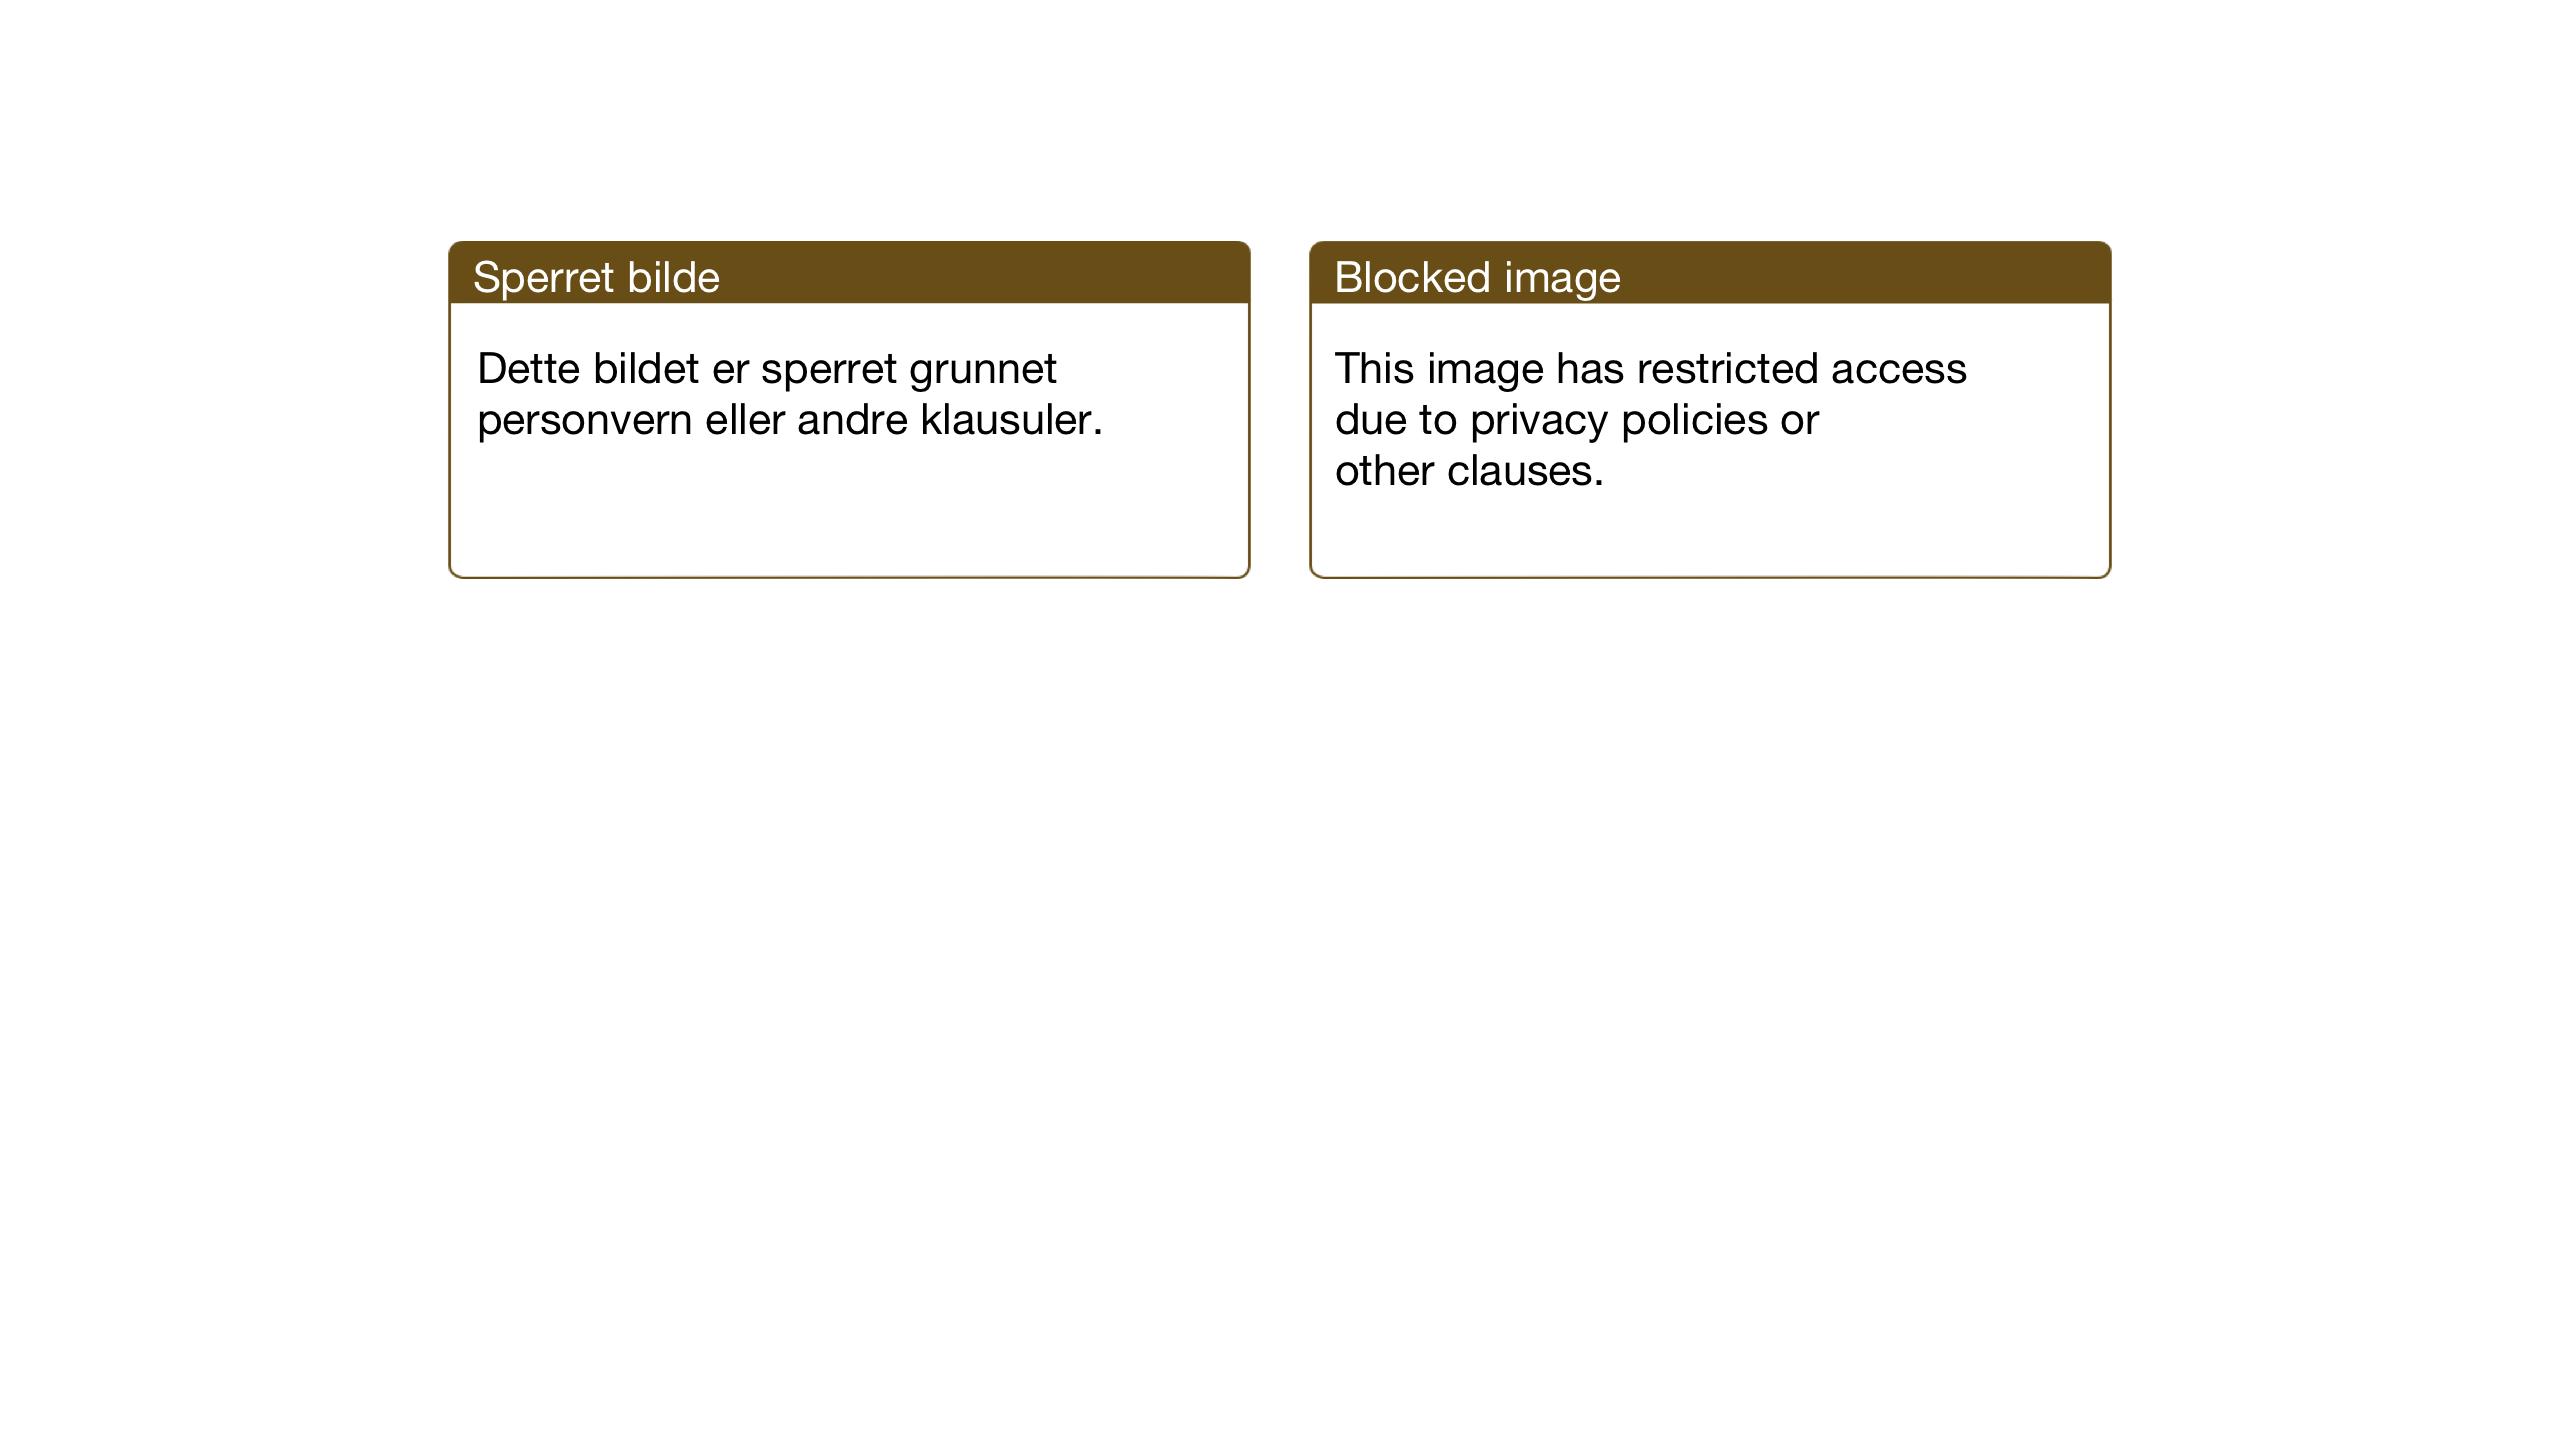 SAT, Ministerialprotokoller, klokkerbøker og fødselsregistre - Sør-Trøndelag, 655/L0690: Klokkerbok nr. 655C06, 1937-1950, s. 75